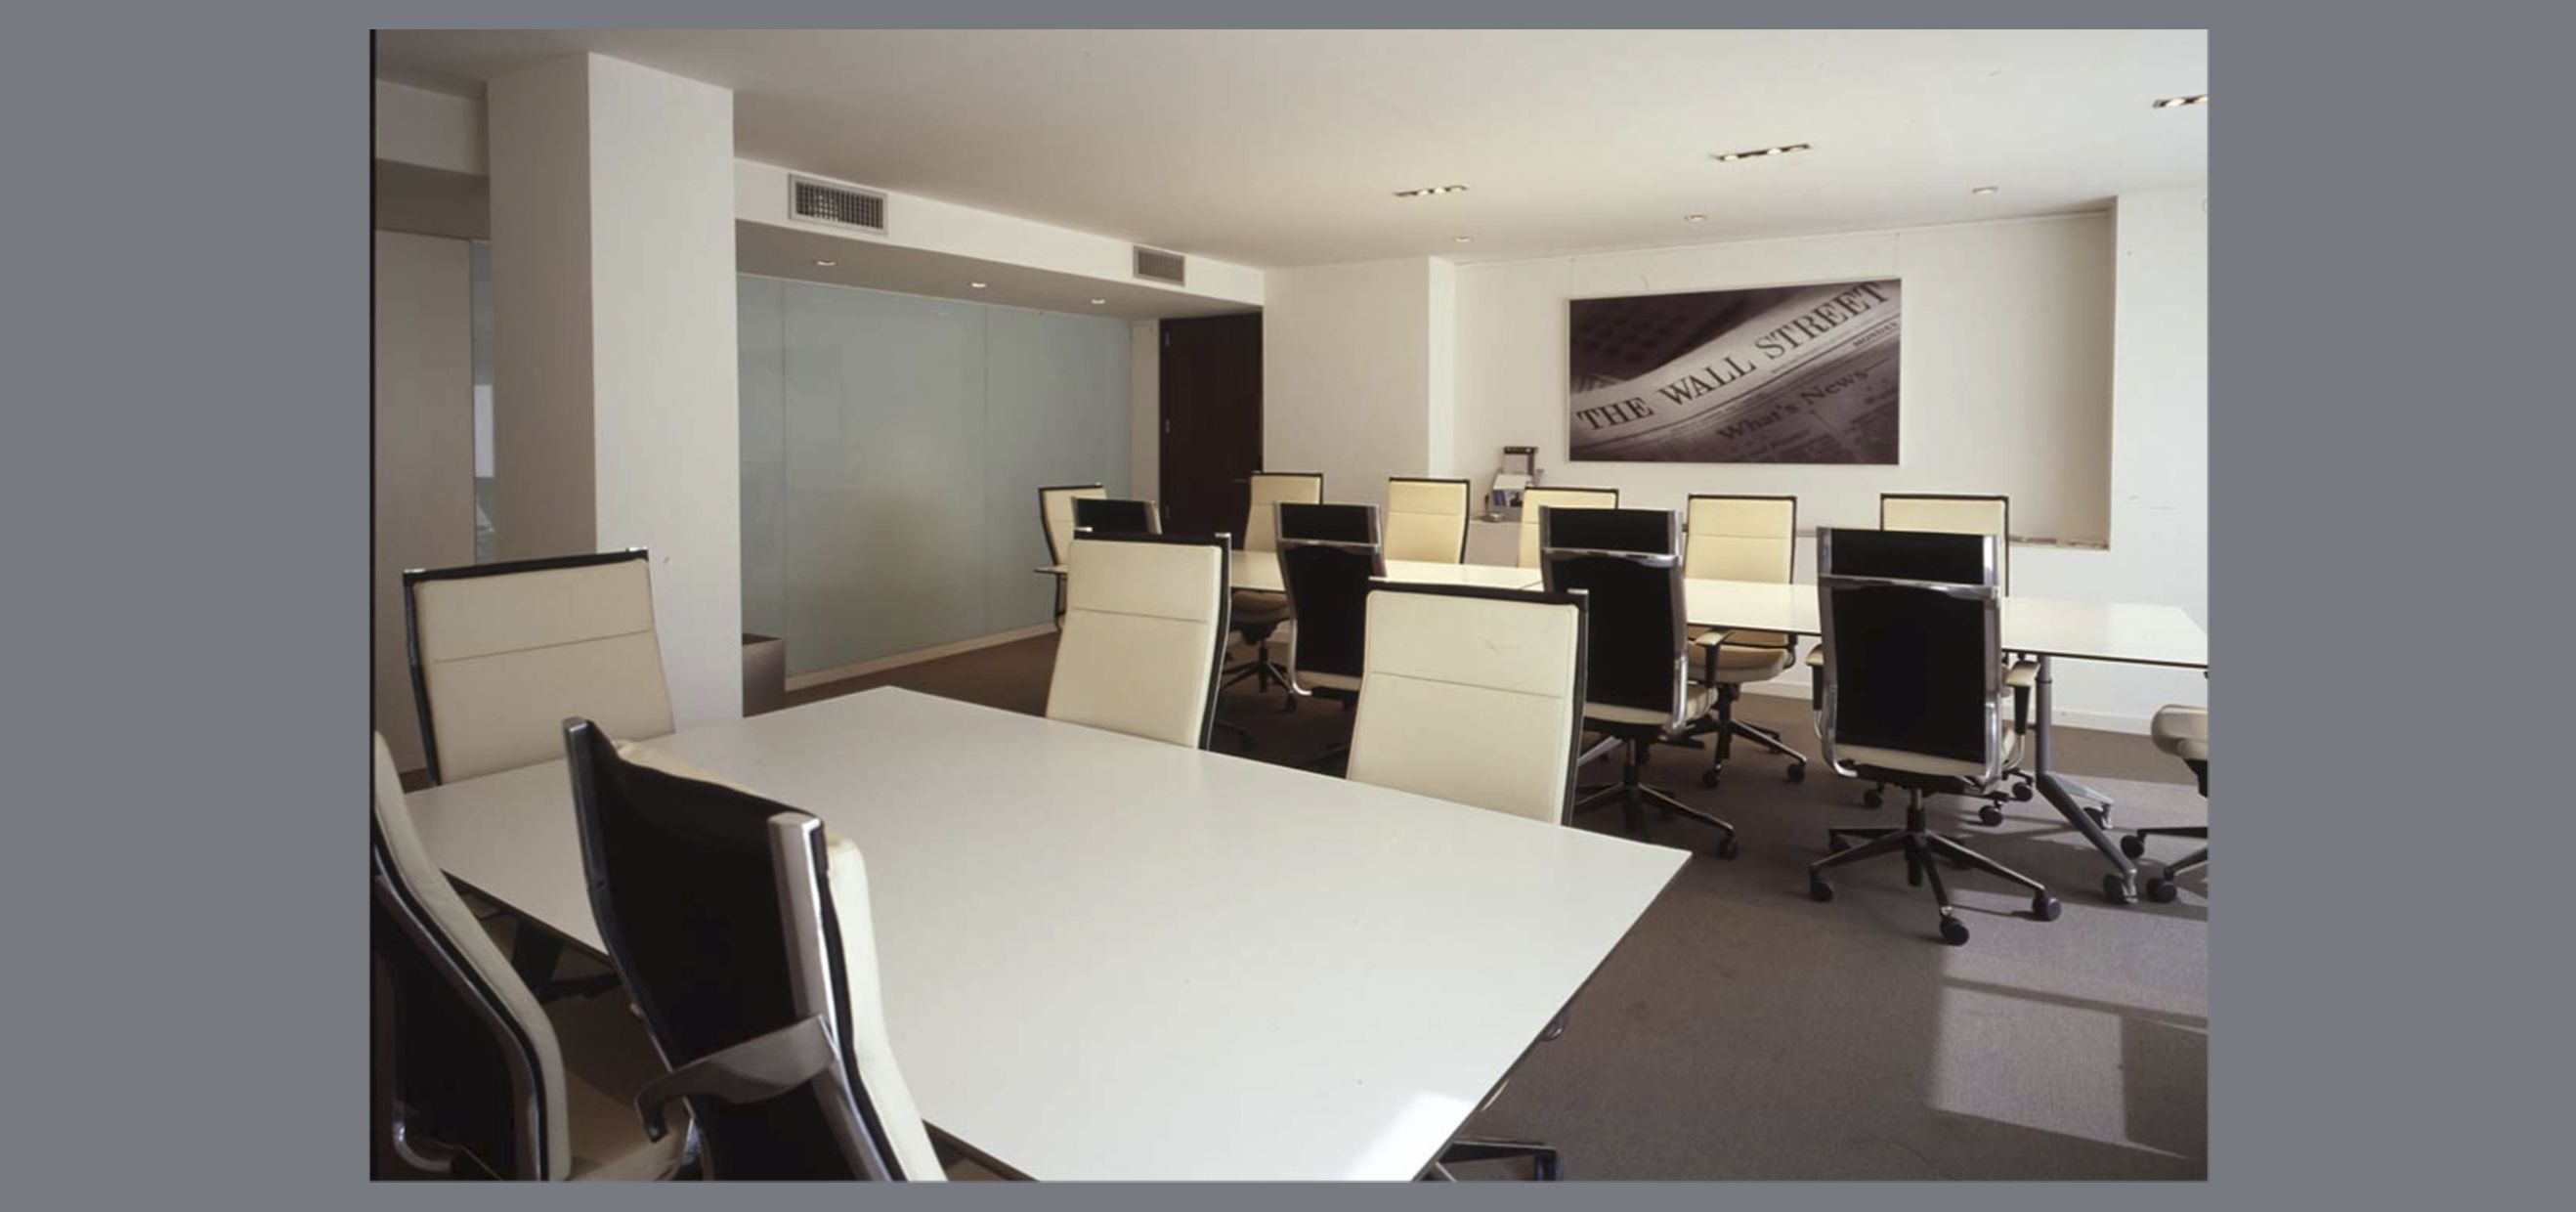 Ideas de sala de conferencias oficina estilo for Sala estilo contemporaneo